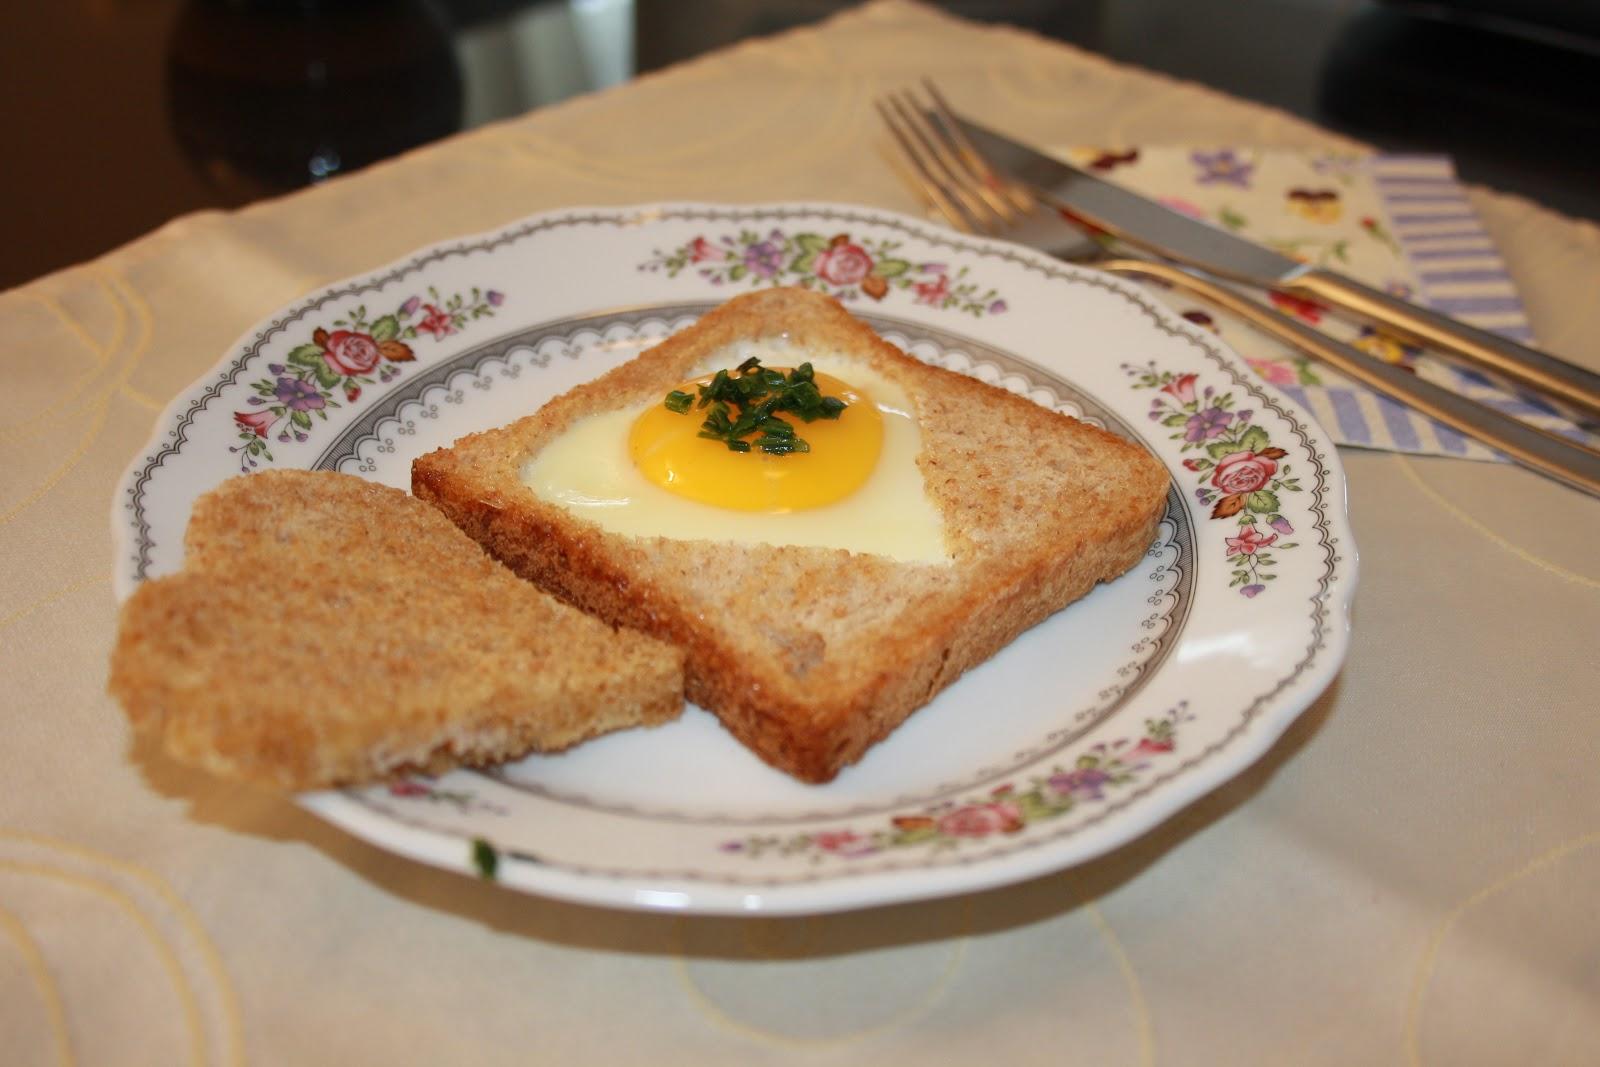 kulinarik.labor: Spiegelei im Toast